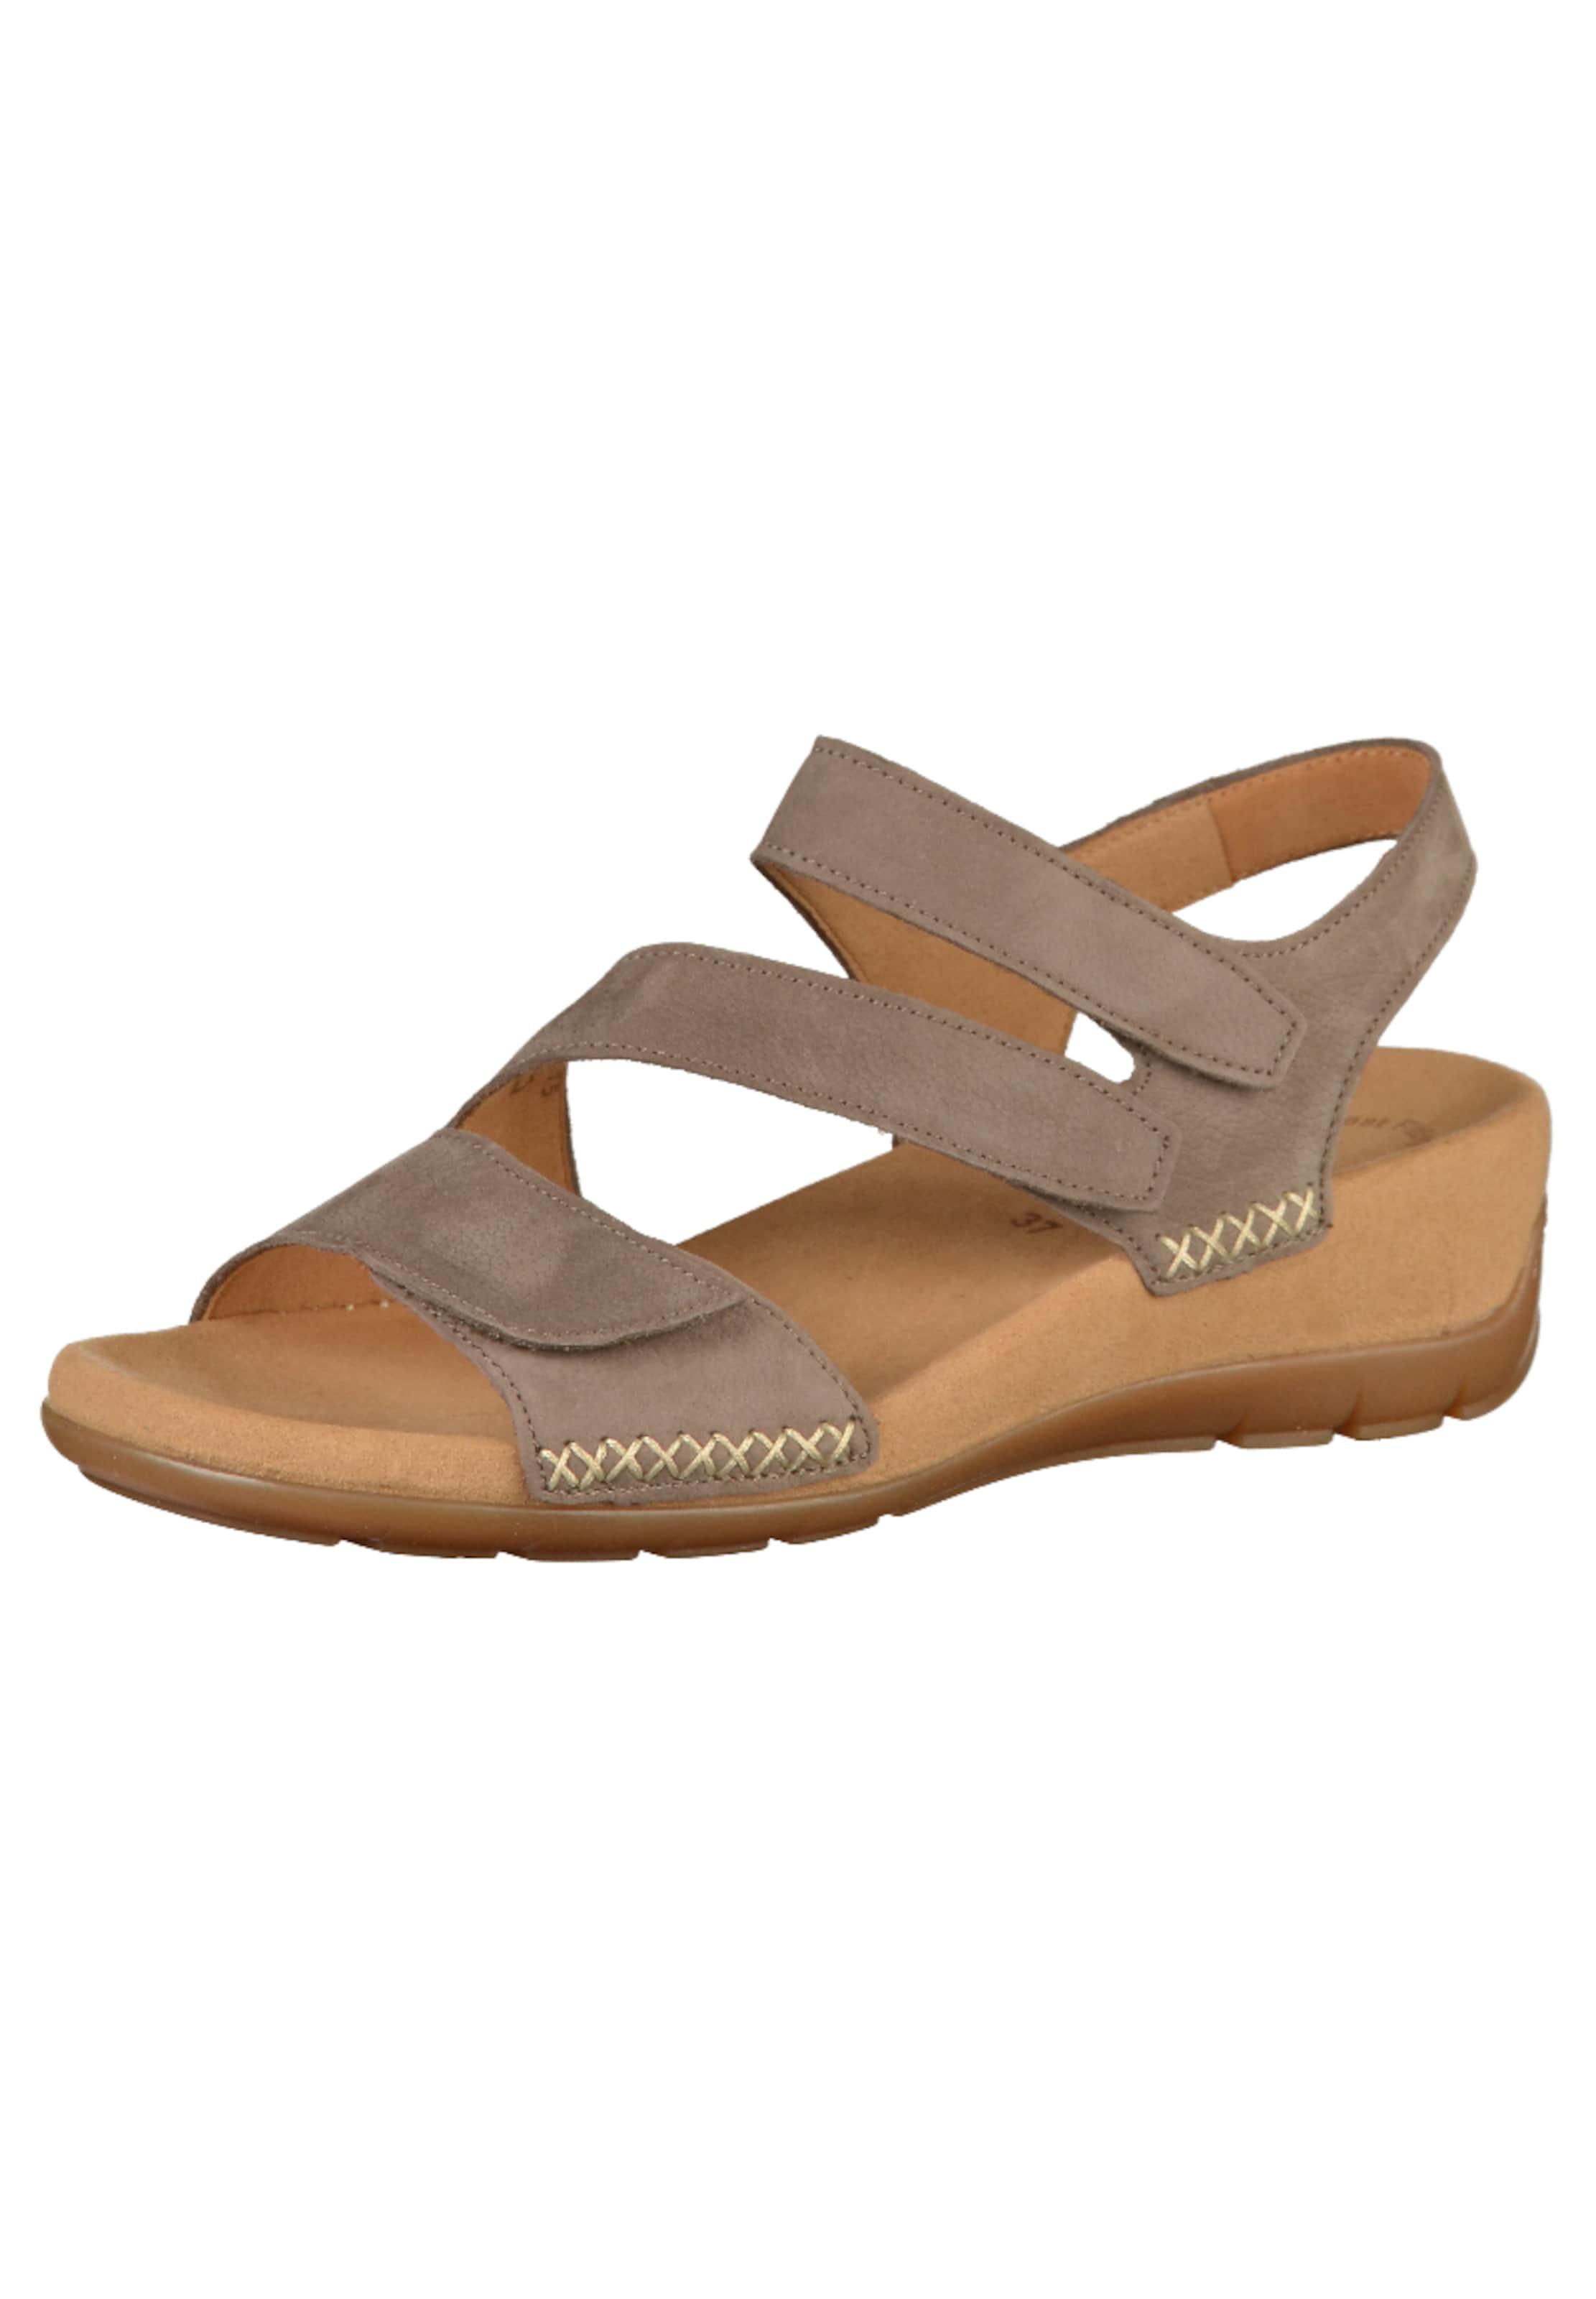 GABOR Günstige Sandalen Günstige GABOR und langlebige Schuhe 225984